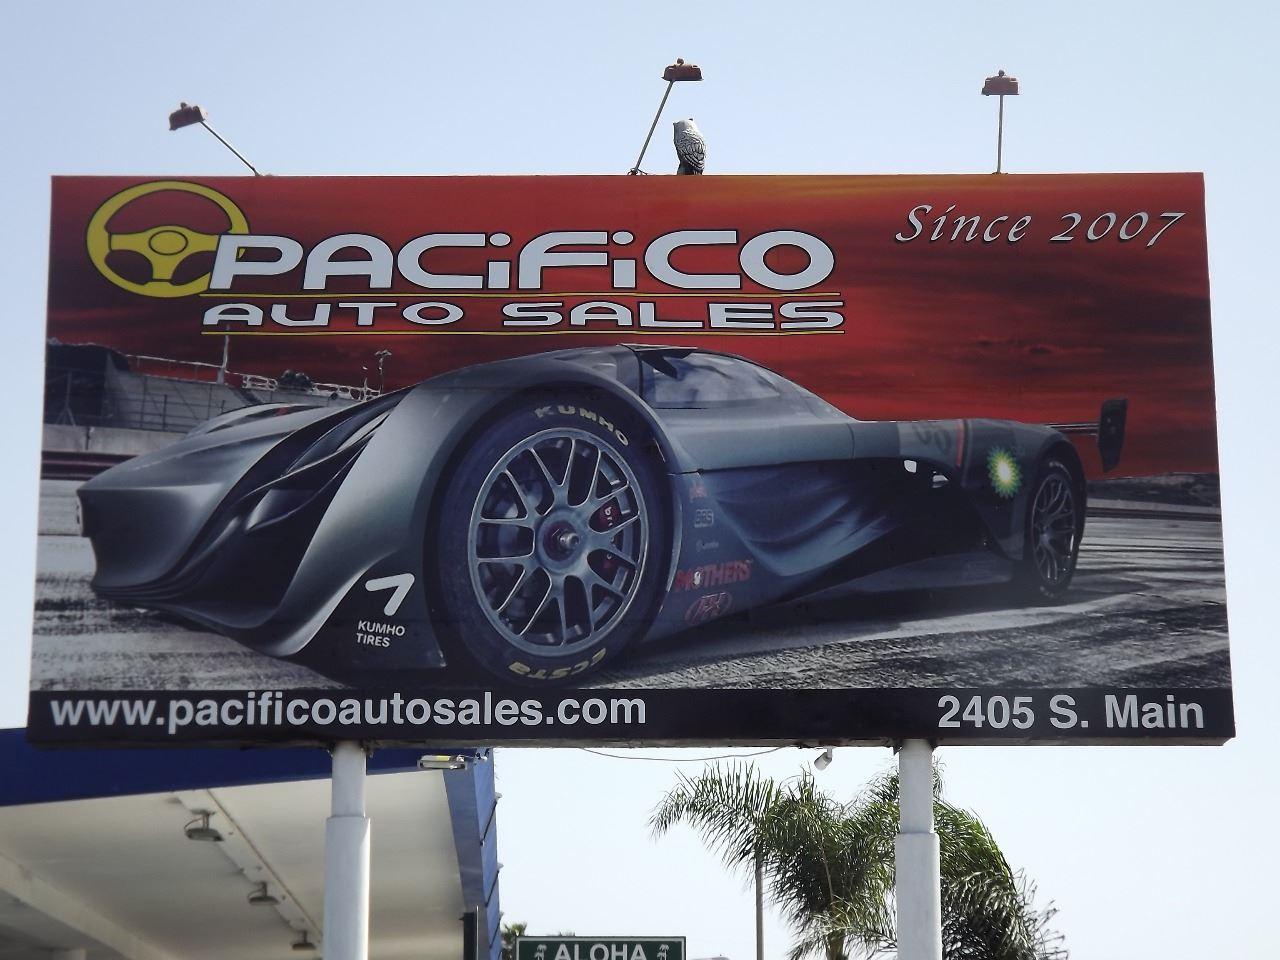 PACIFICO AUTO SALES